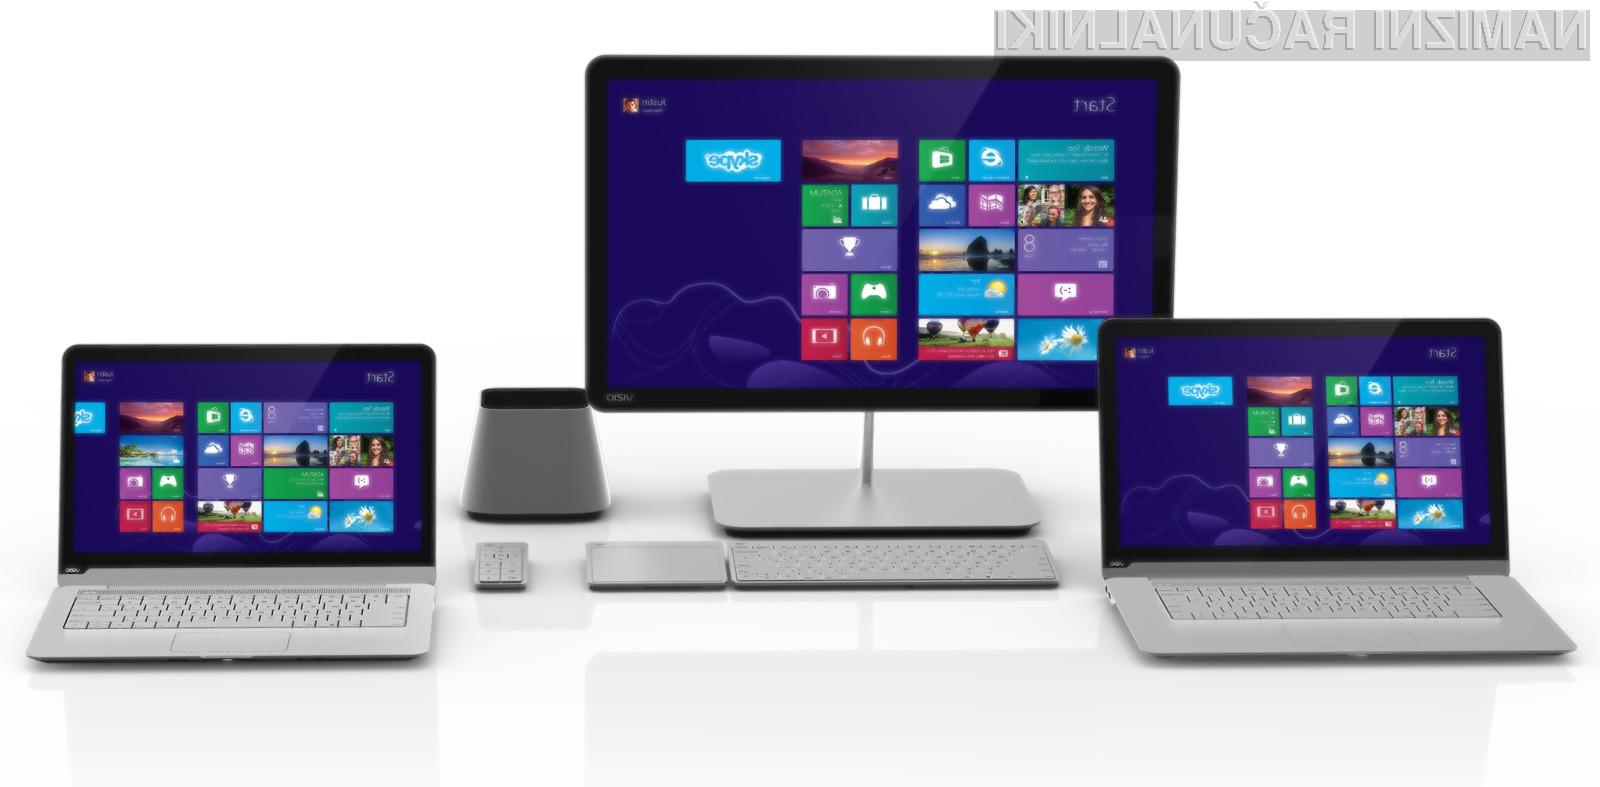 Novo družino računalnikov podjetja Vizio bo zaznamoval čudovit dizajn in precej dostopne cene.